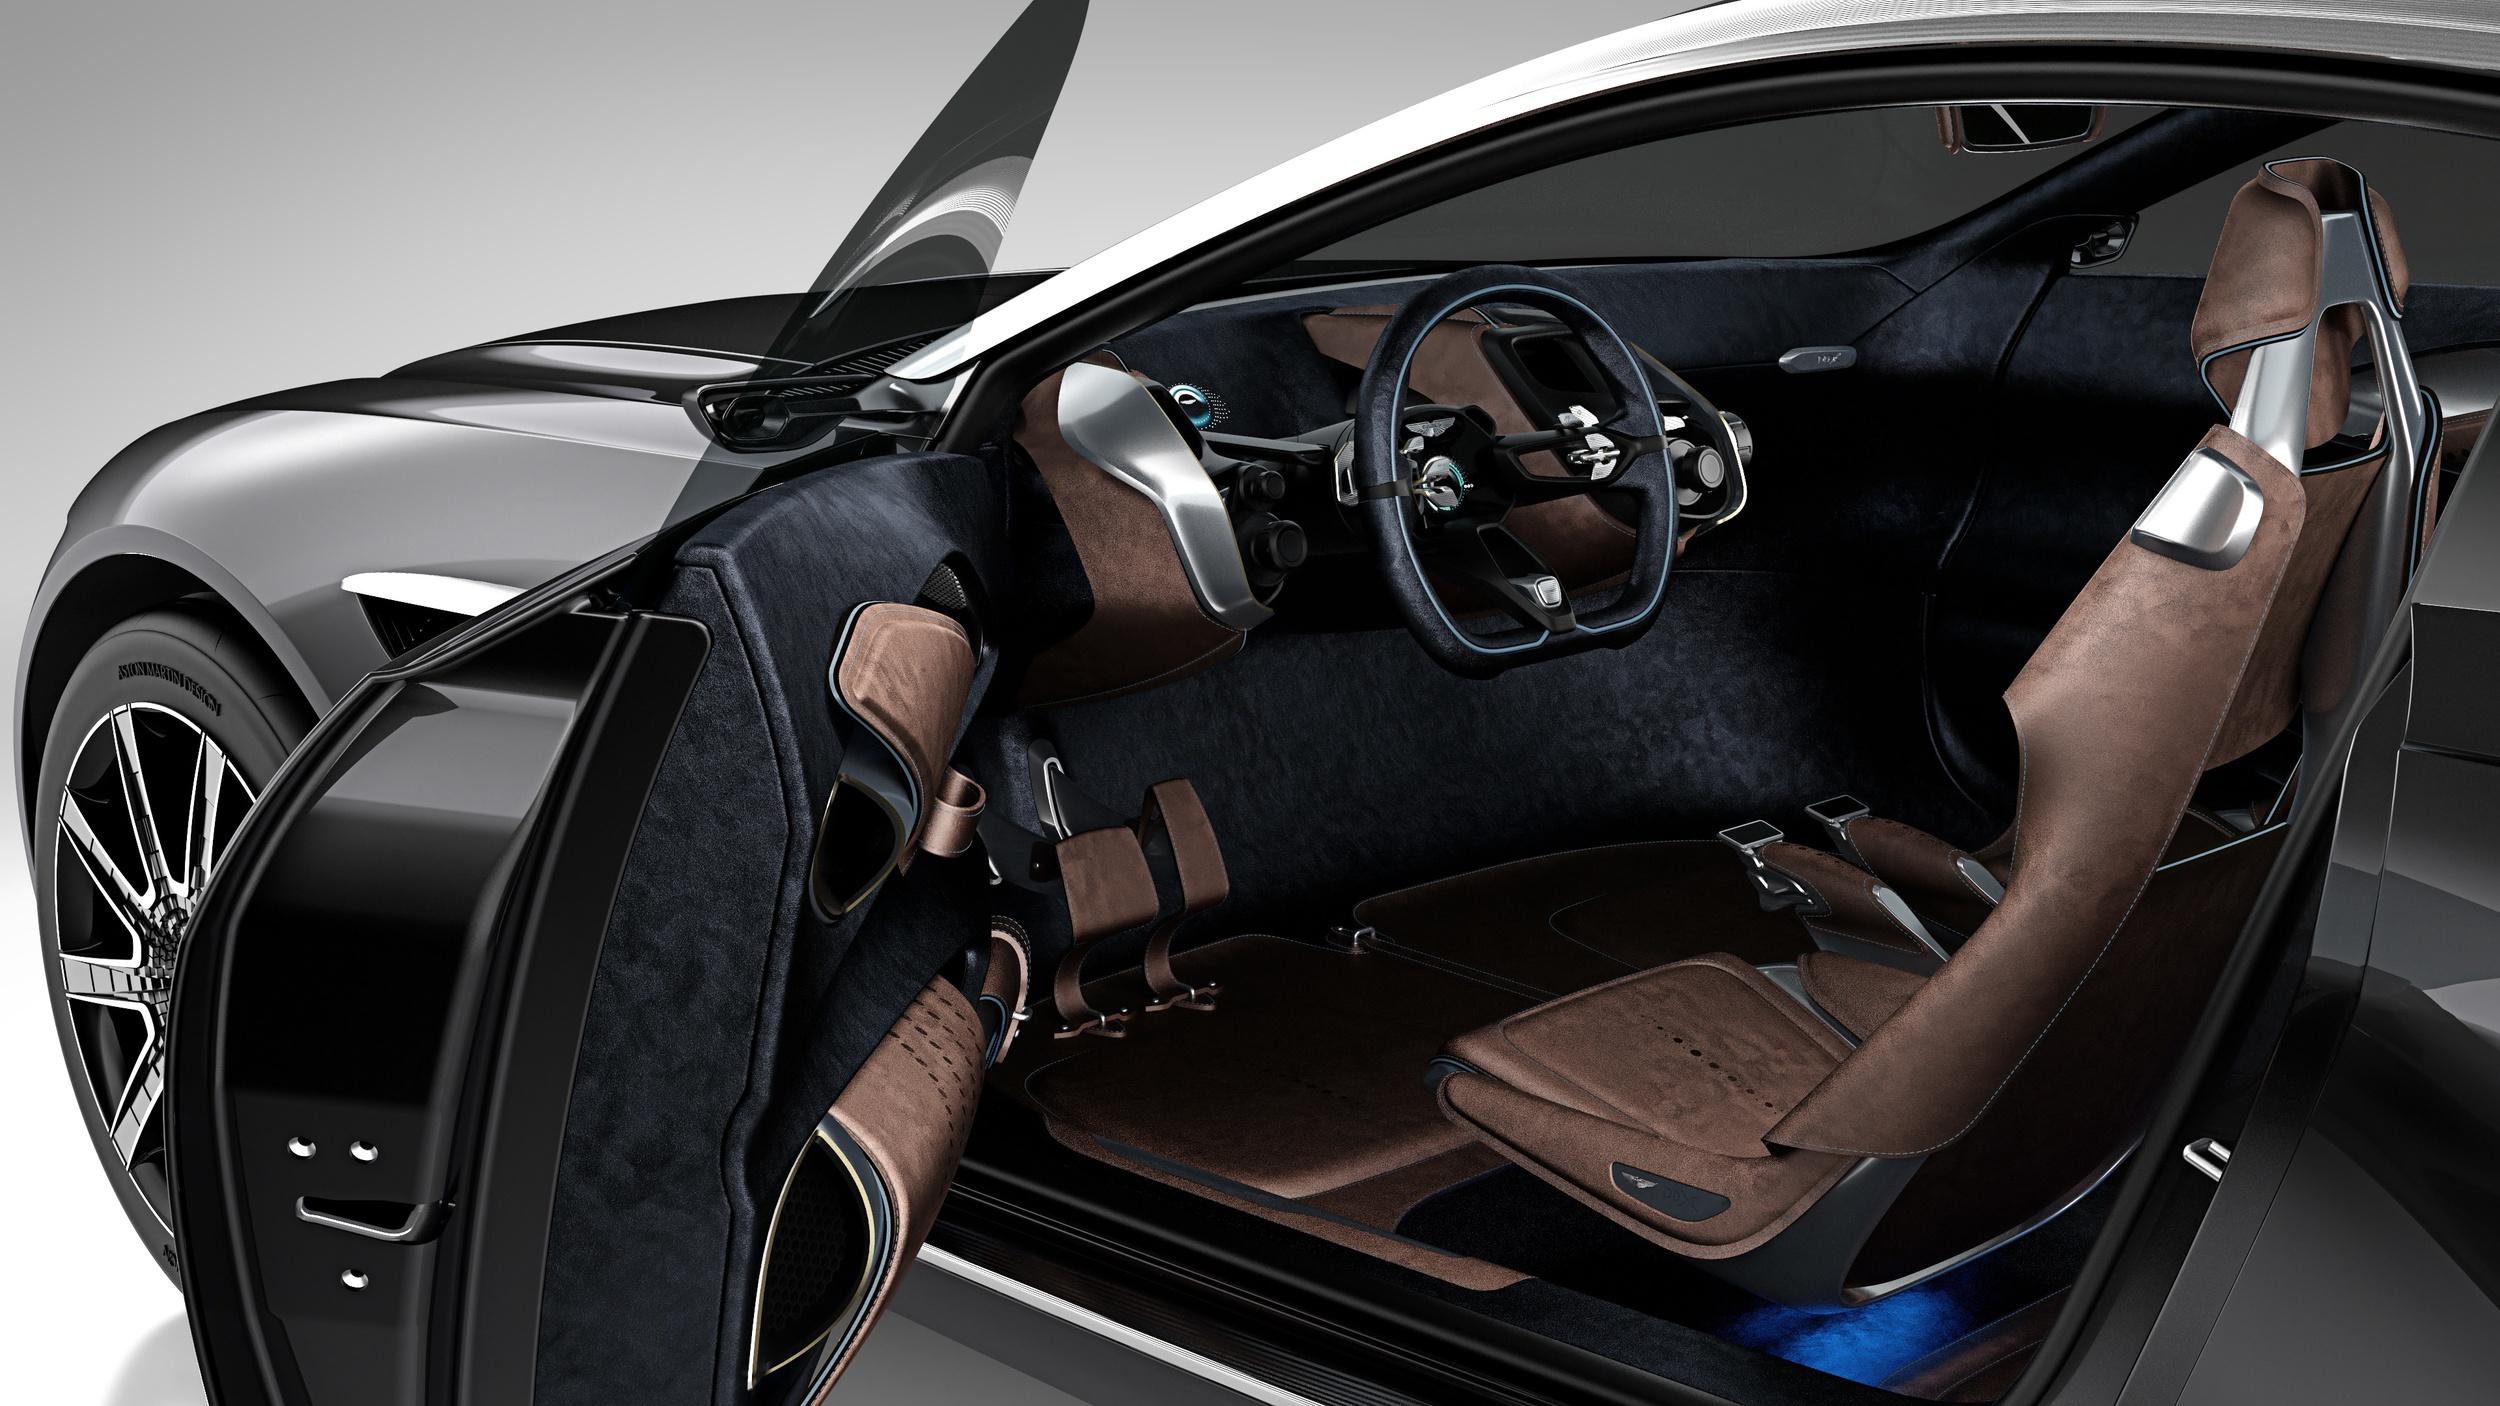 Luz verde al SUV: El Aston Martin DBX irá a producción 2